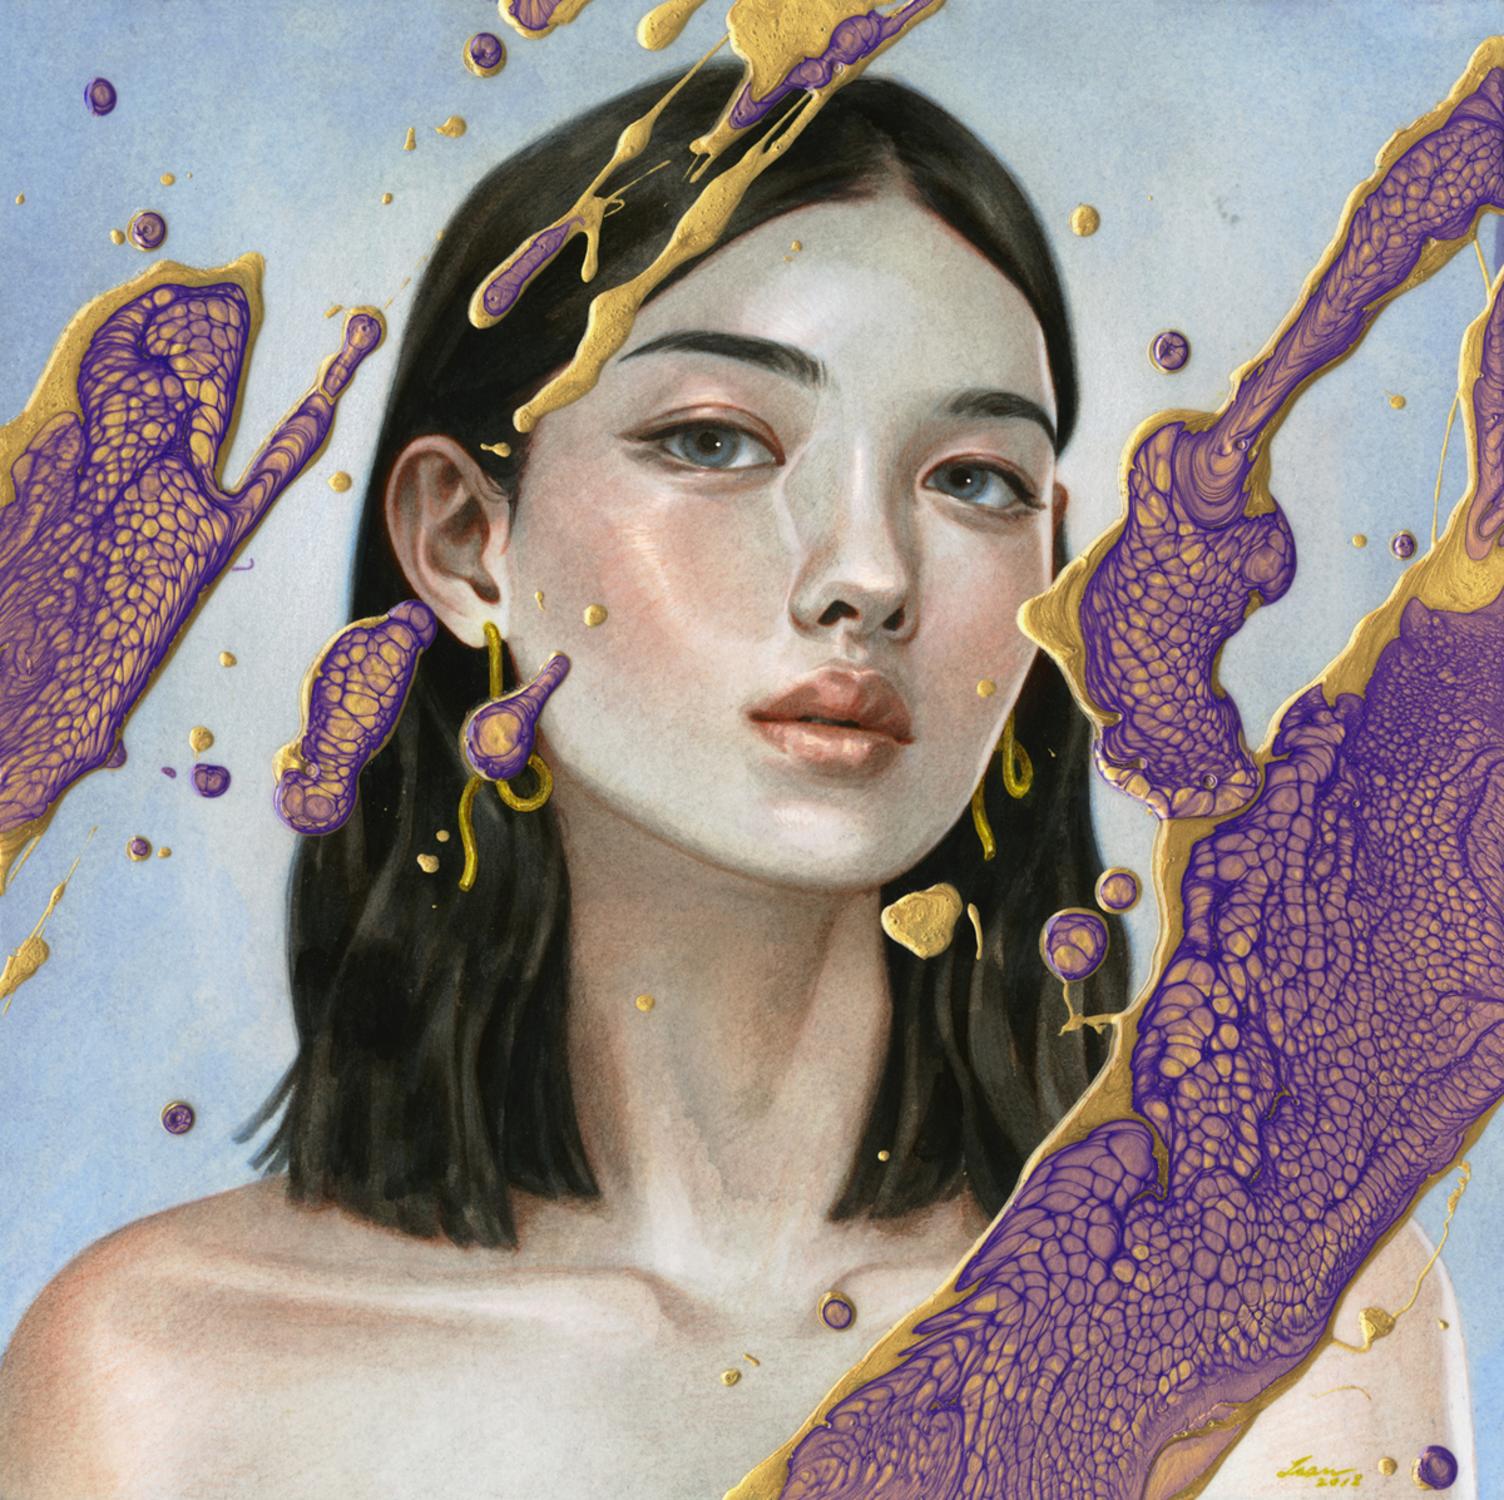 Idle Artwork by Tran Nguyen